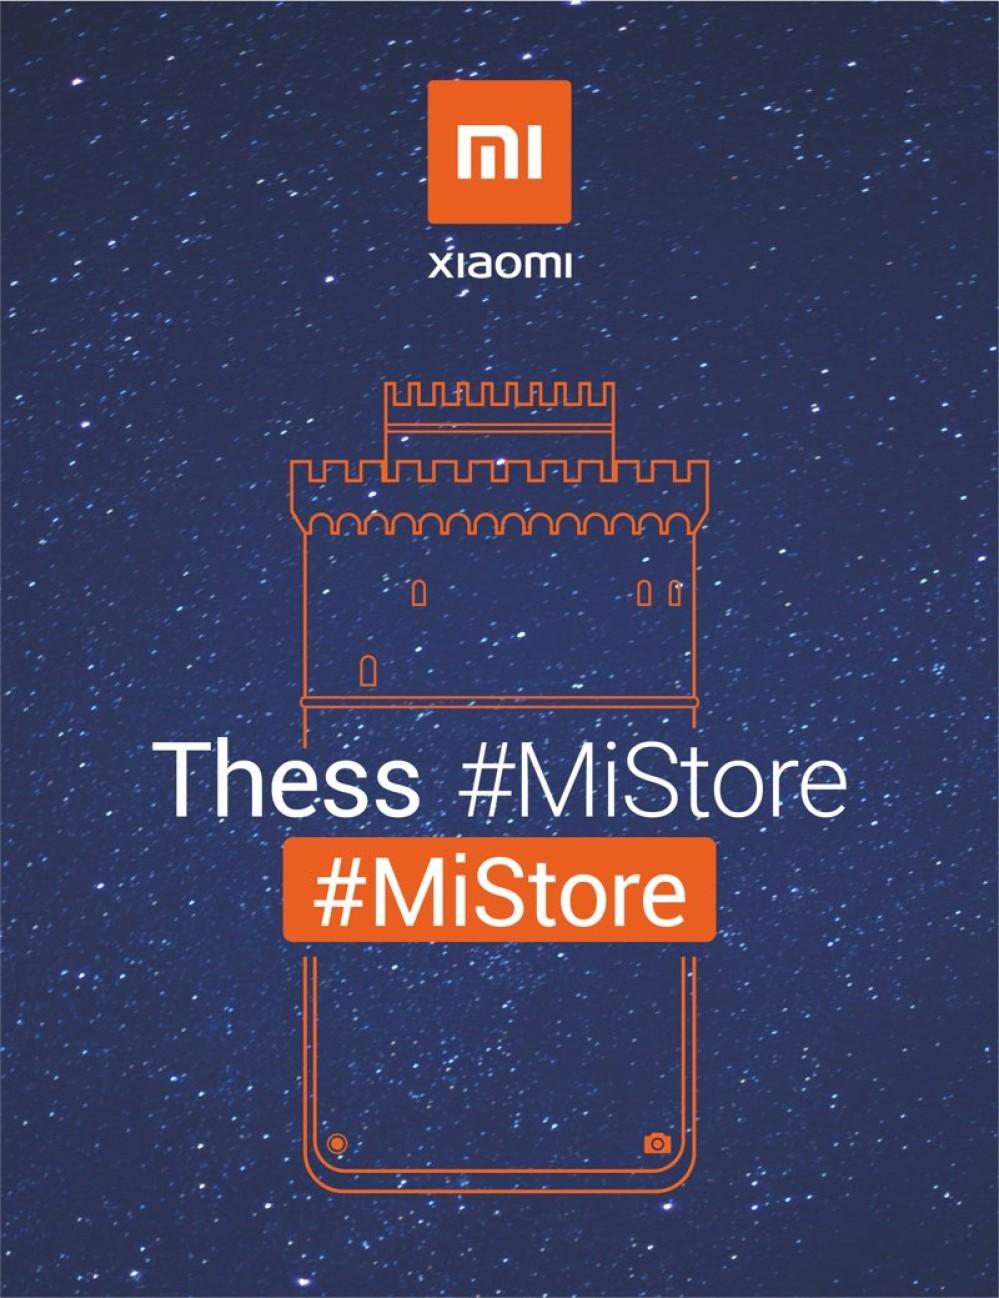 Η Θεσσαλονίκη αποκτά το δικό της Mi Store με προϊόντα Xiaomi